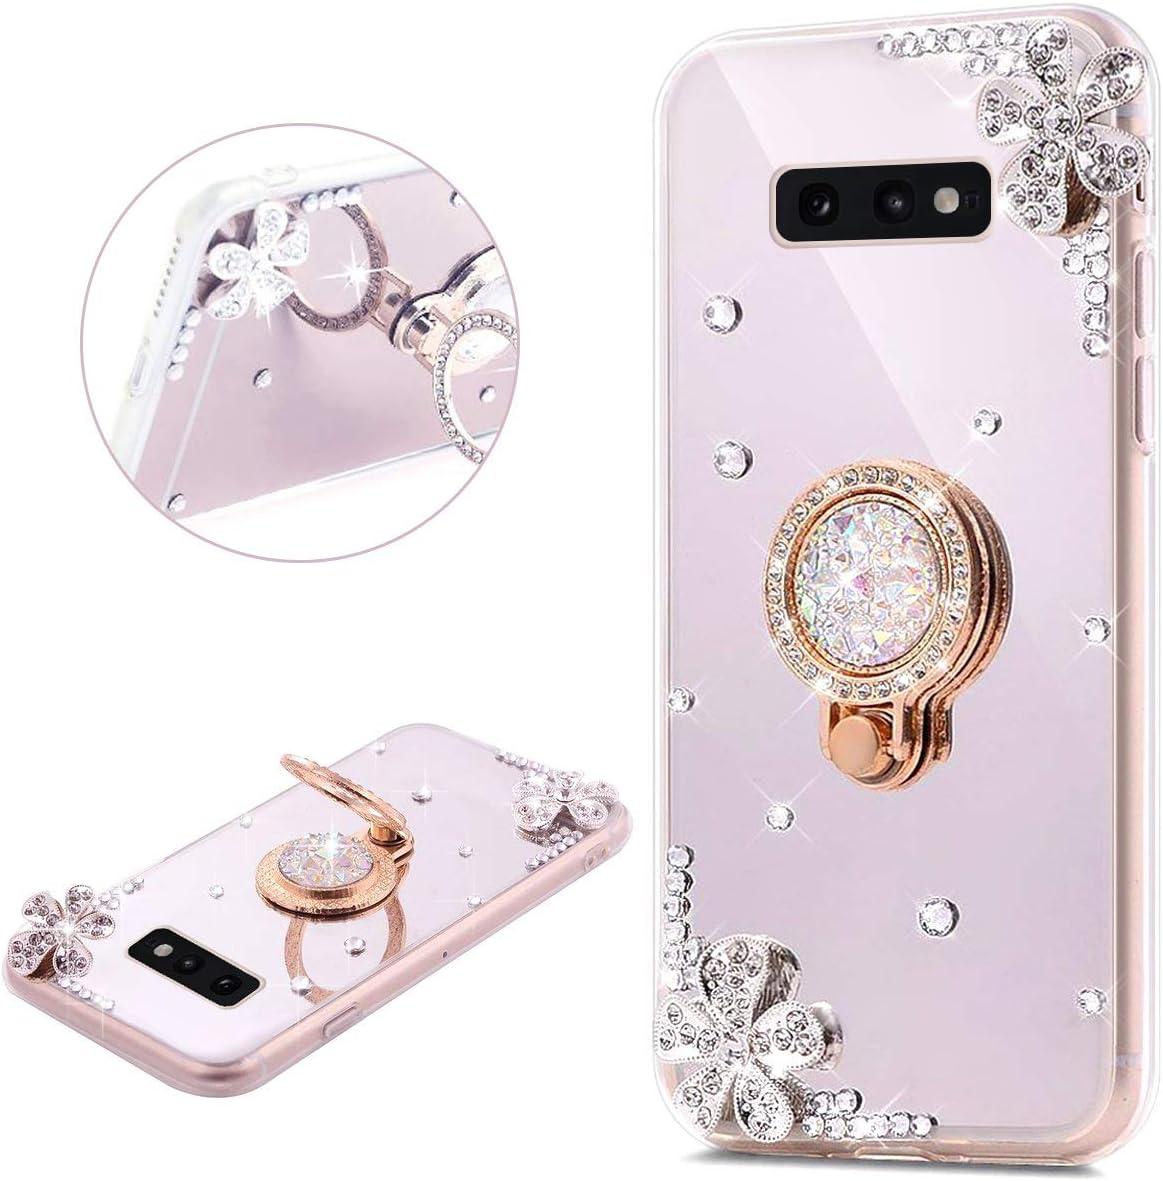 JAWSEU Compatible avec Samsung Galaxy S10 Plus Coque Silicone Glitter Strass Diamant Miroir Bague de Support,Luxe Mode Cristal Clair Fleur Miroir Etui SoupleTPU Gel T/él/éphone Coque Bumper Case,Argent